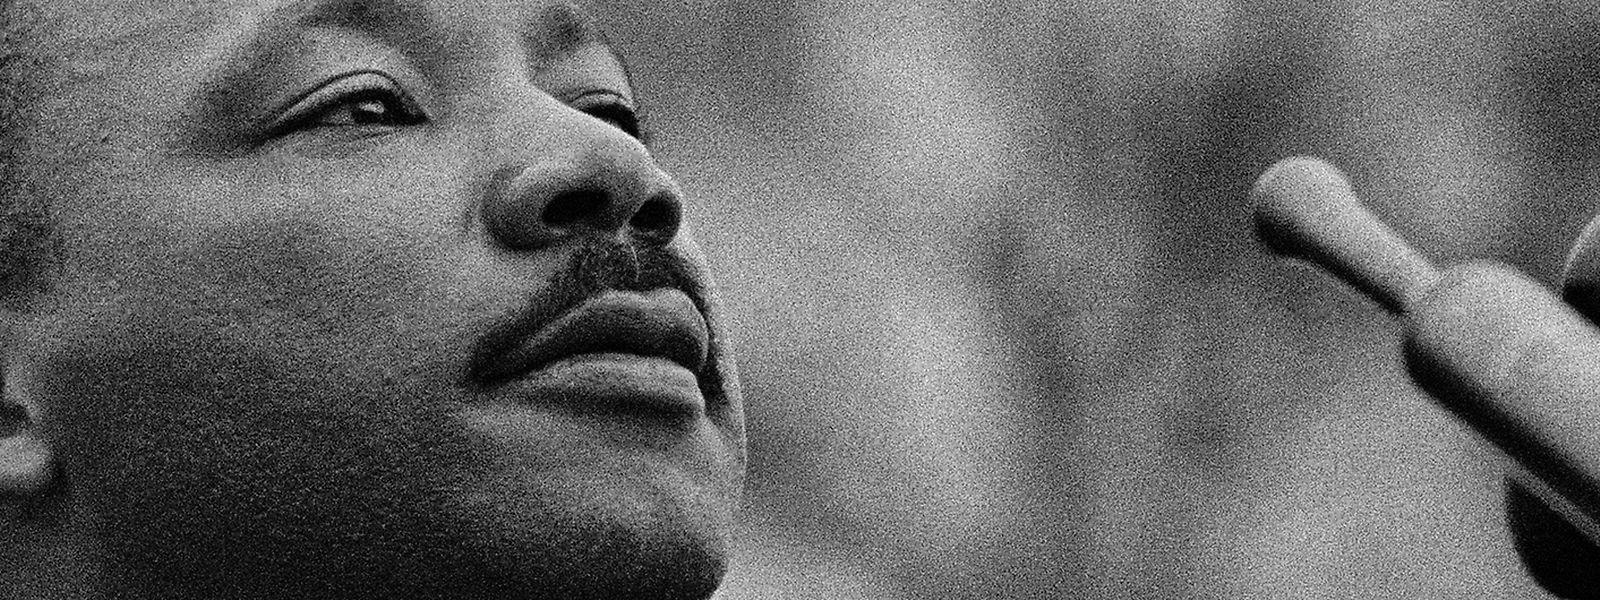 Martin Luther King läutete mit dem Traum vom gerechten Amerika das Ende der Rassentrennung ein.